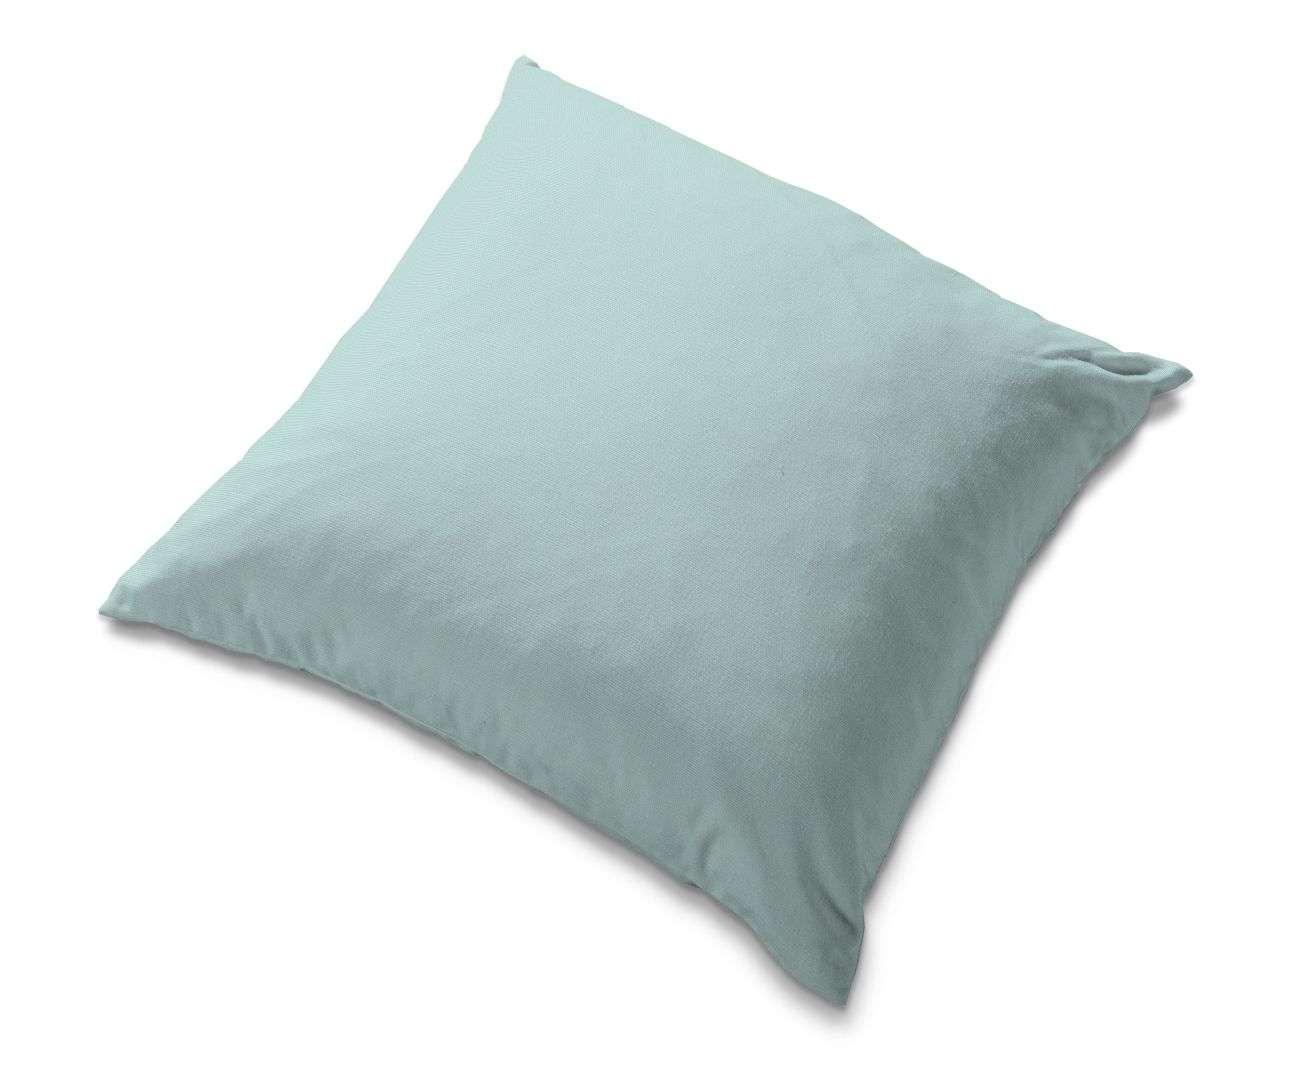 Poszewka Tomelilla 55x55cm w kolekcji Cotton Panama, tkanina: 702-10